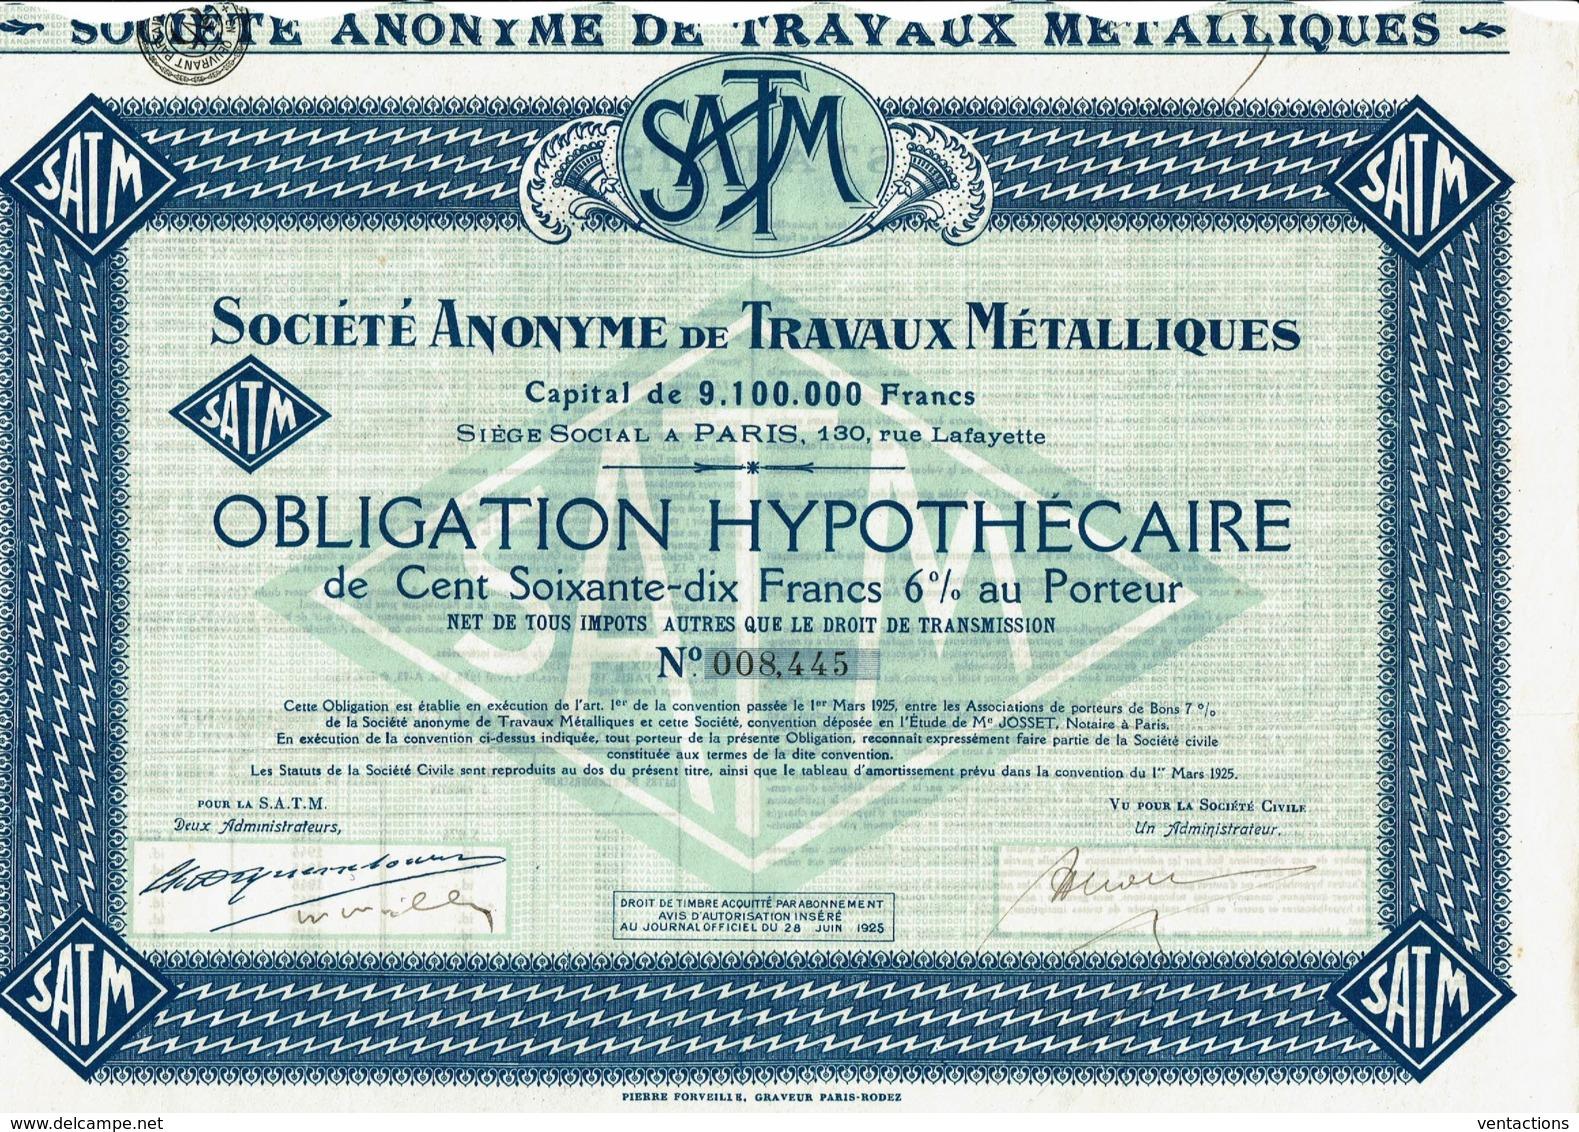 75-TRAVAUX METALLIQUES. 130 Rue Lafayette Paris - Other